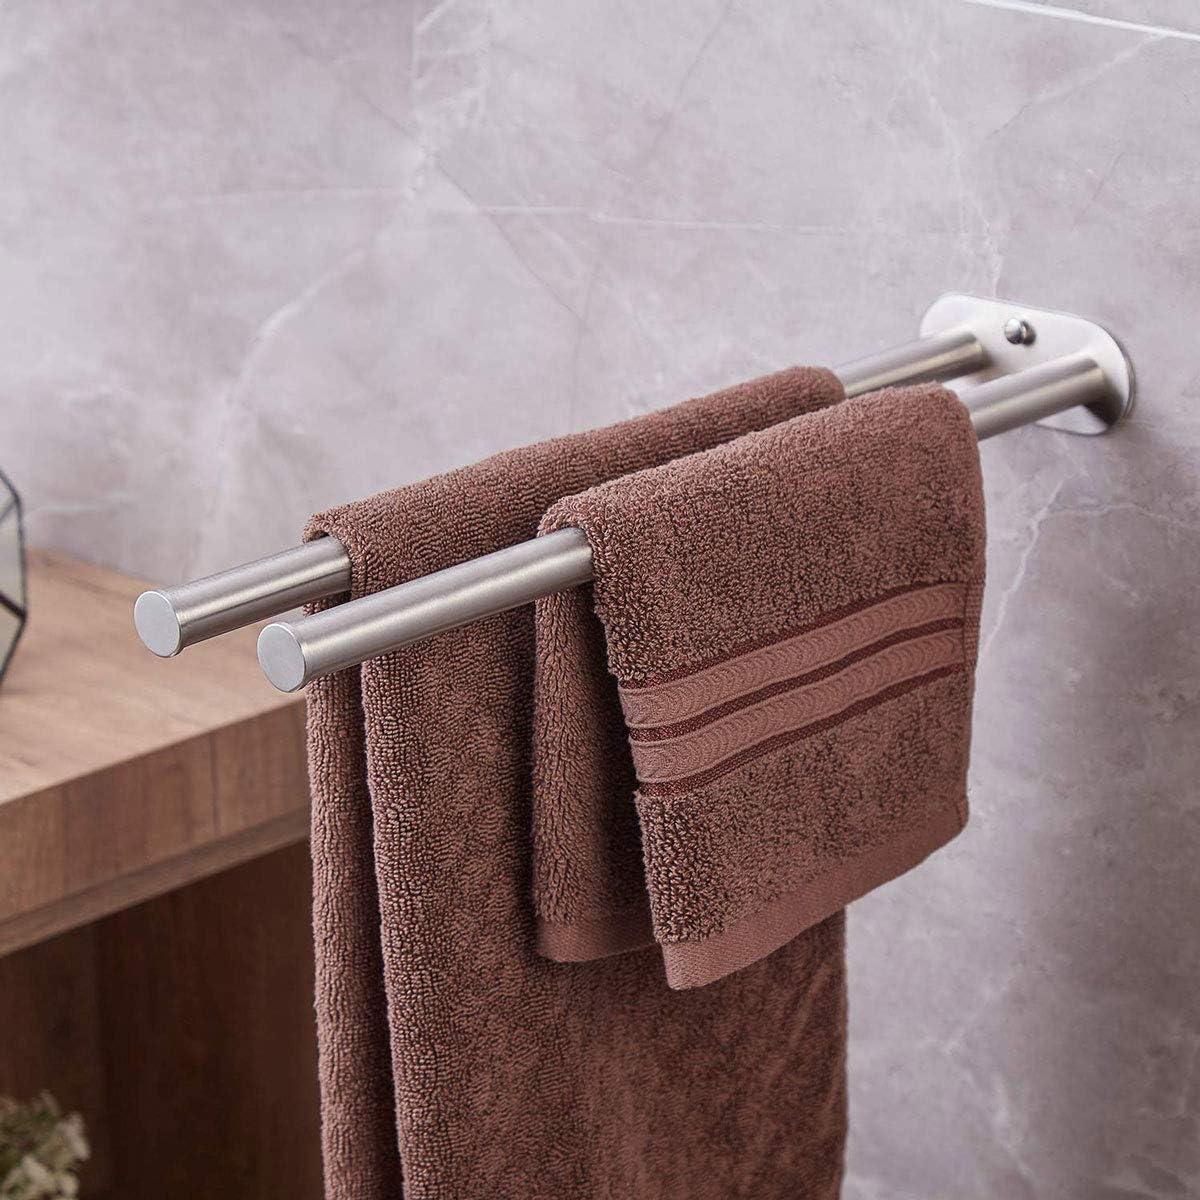 Dalmo DBTH02SR 45cm Zweiarmig Handtuchstange Bad Wandmontage Doppelt Edelstahl Geb/ürstet Handtuchhalter